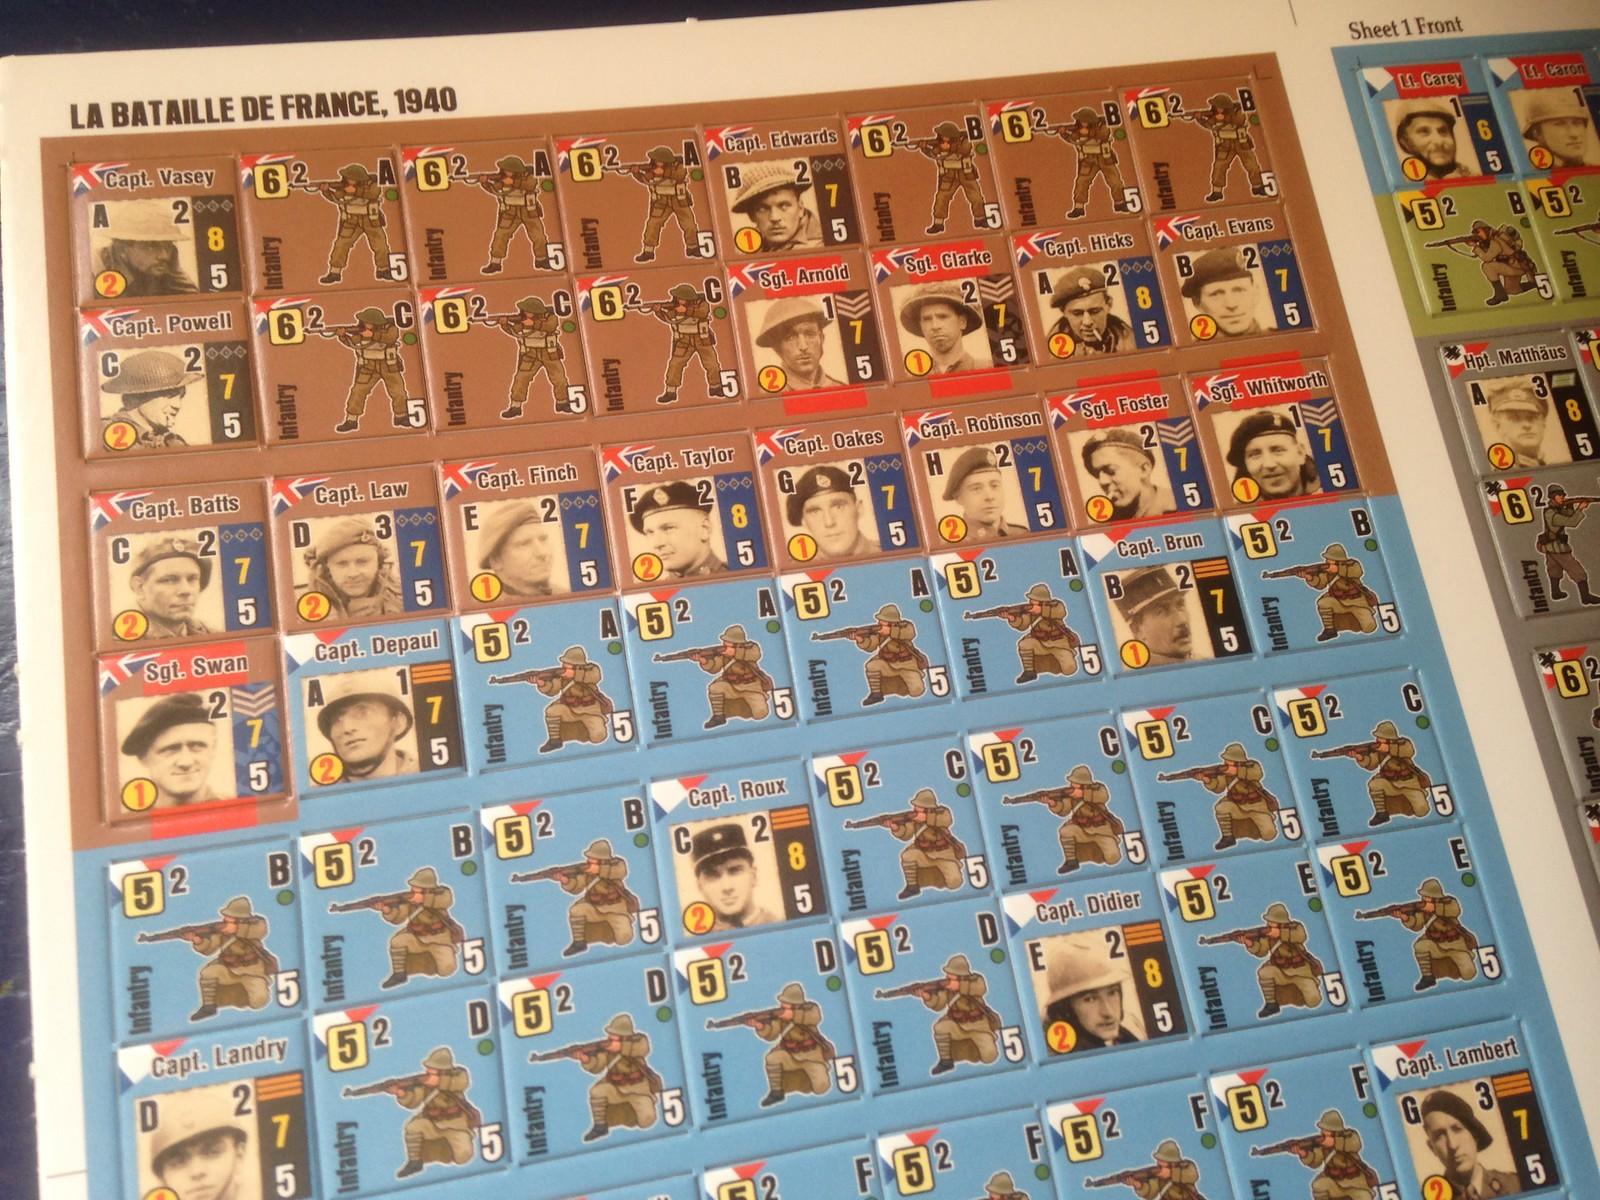 LA BATAILLE DE FRANCE 1940 (Abriendo la Caja) 16944136412_dcf2e700dd_h